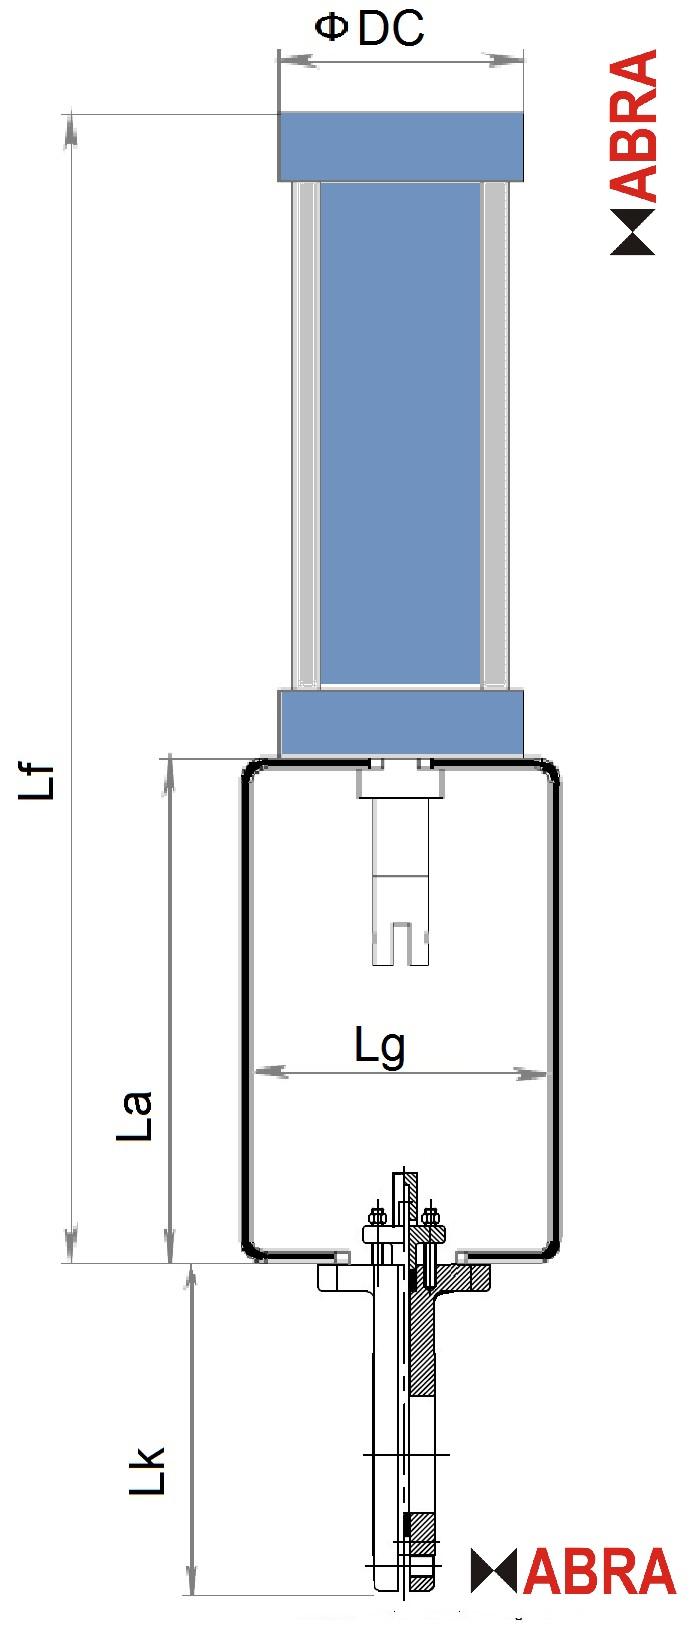 """Габаритные размеры. Задвижки шиберные (затворы ножевые) ABRA-KV с пневмоприводом (с пневмоцилиндром) двусторонние PN10 и PN16, DN050-600, GGG40/SS304/EPDM(NBR). Строительная длина EN558-1 GR (серия) 20 = ISO 5752 """"short"""" = EN558 S20 = DIN 3202 T3 K1 = ISO 5752 Series 20 = API 609 Table 1 = EN 593"""